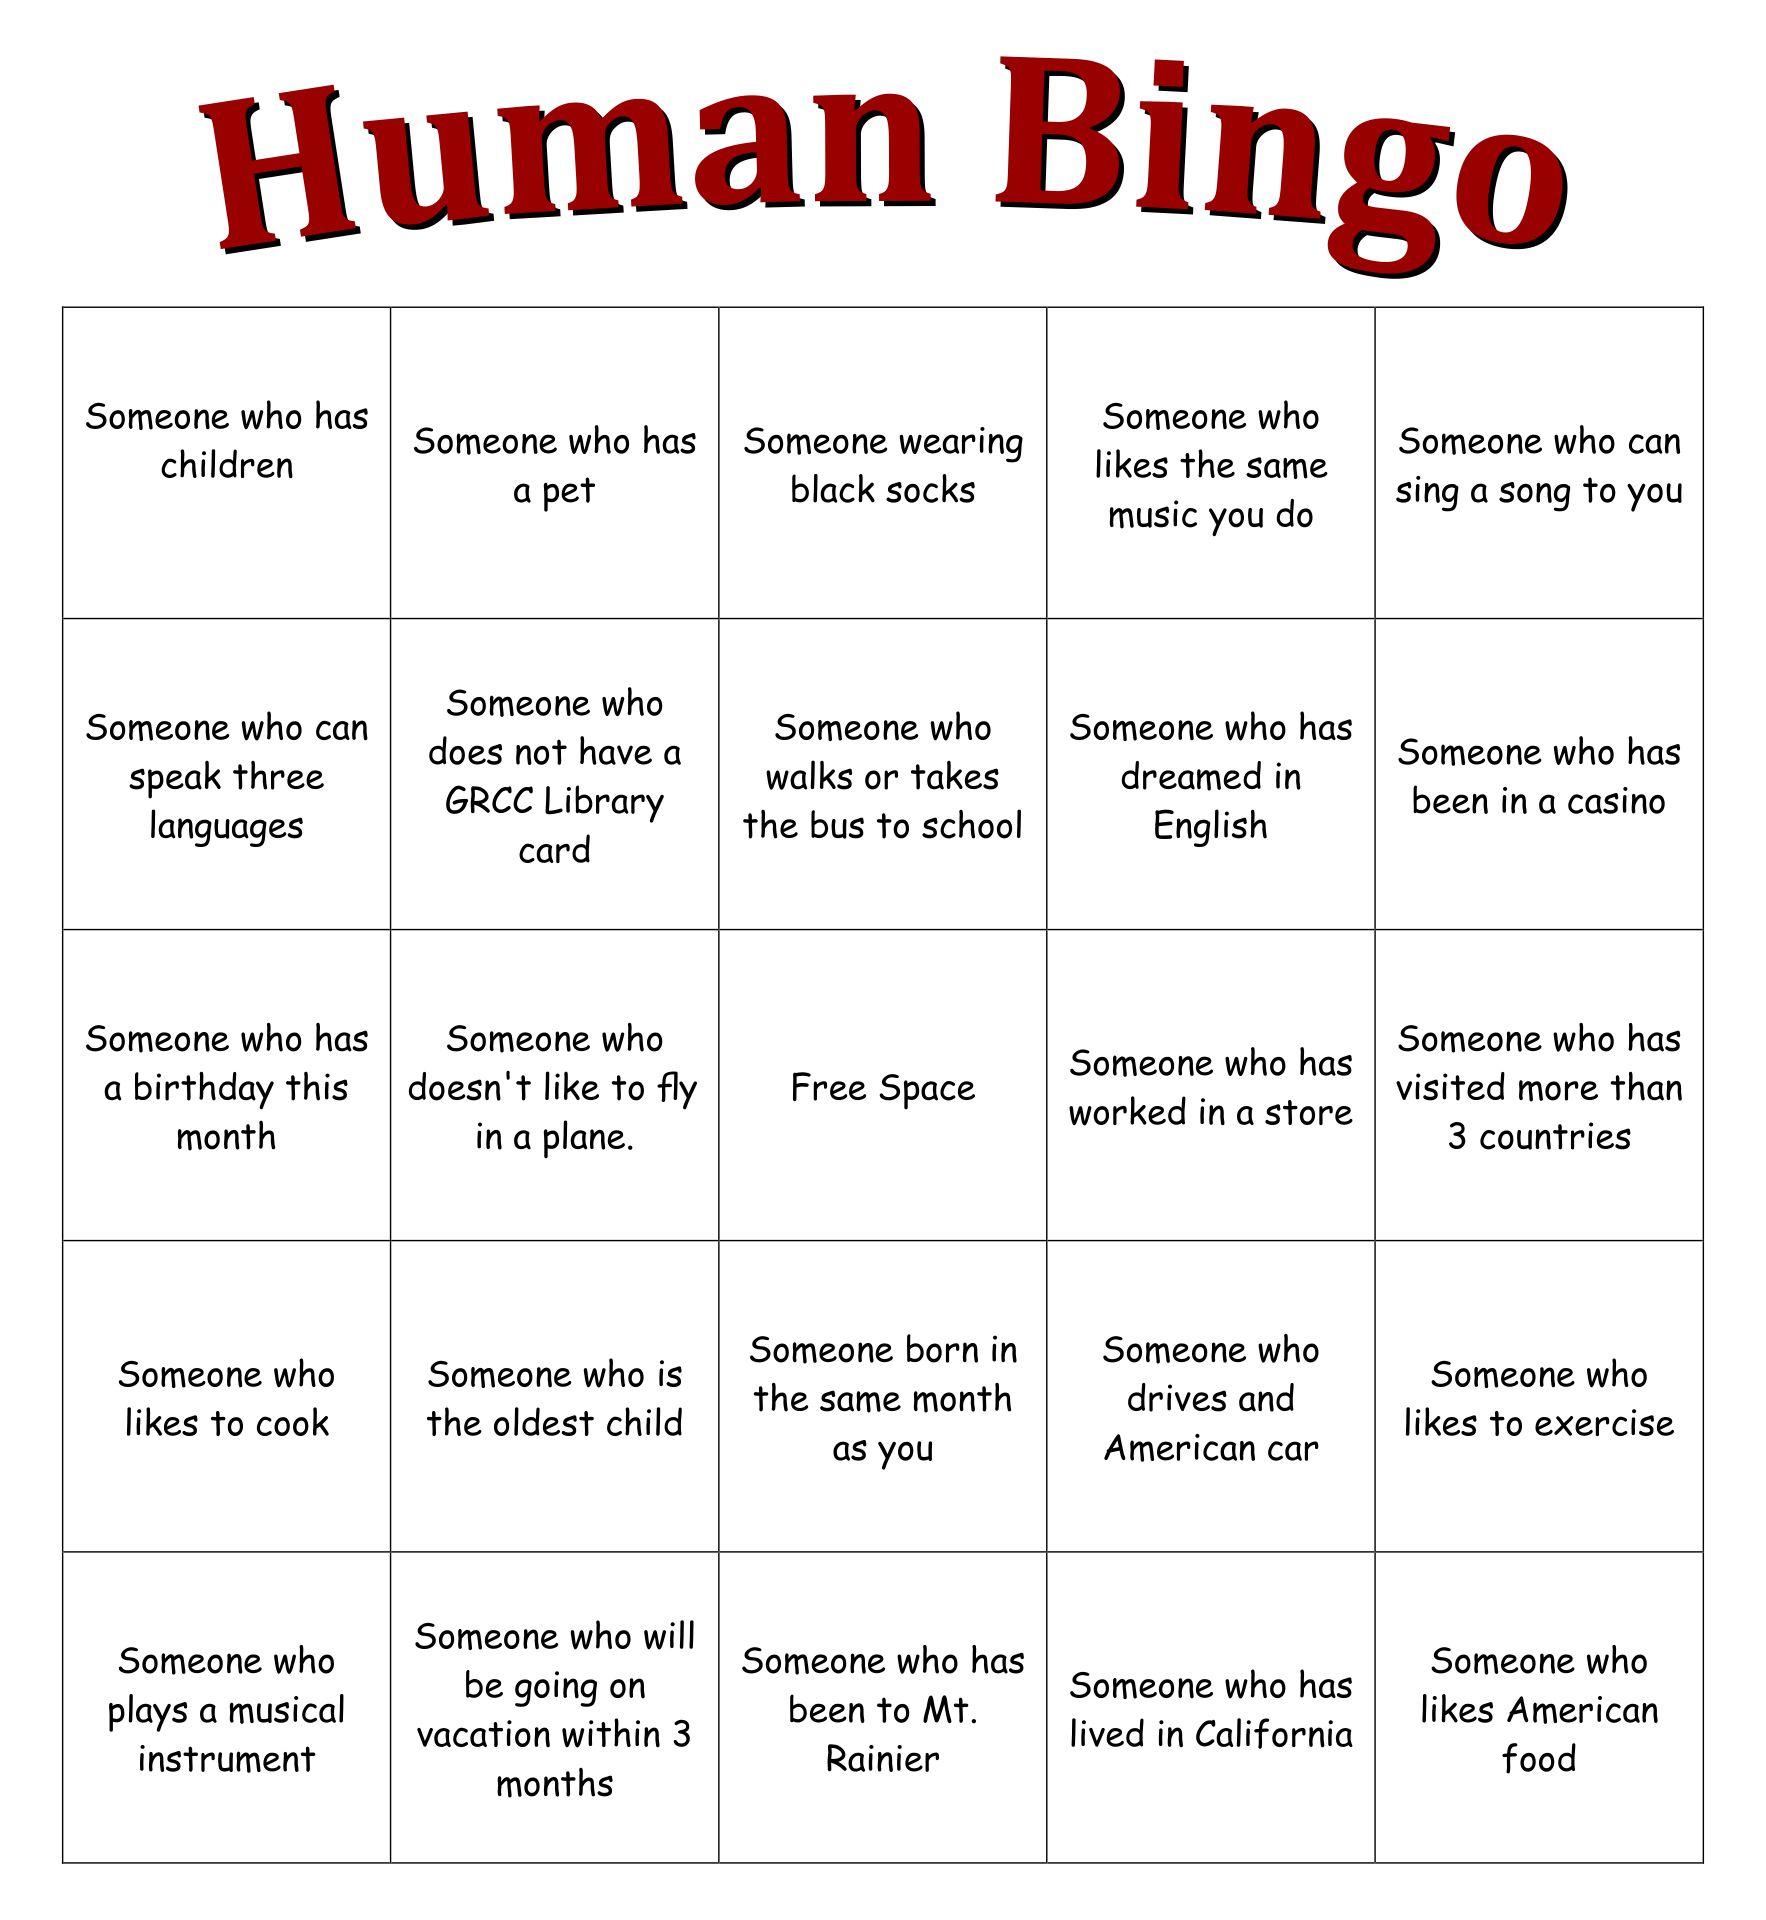 Human Bingo Sheet